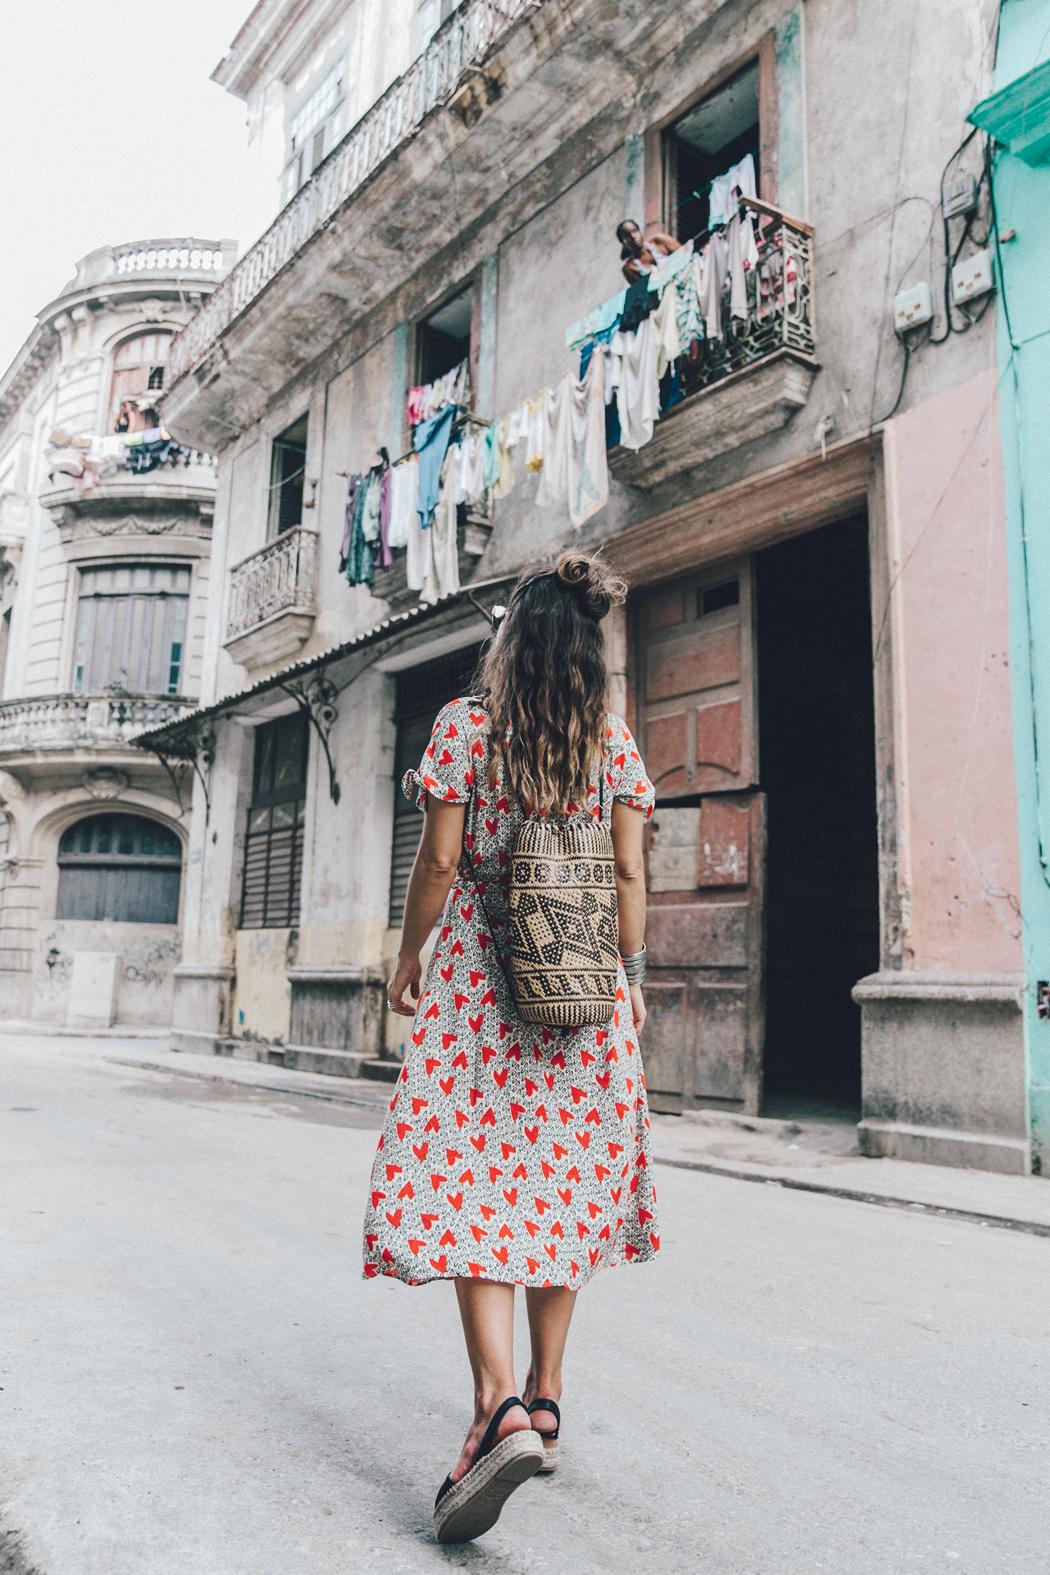 Cuba-La_Habana_Vieja-Hearts_Dress-Styled_By_Me-Aloha_Espadrilles-Outfit-Street_Style-Dress-Backpack-40